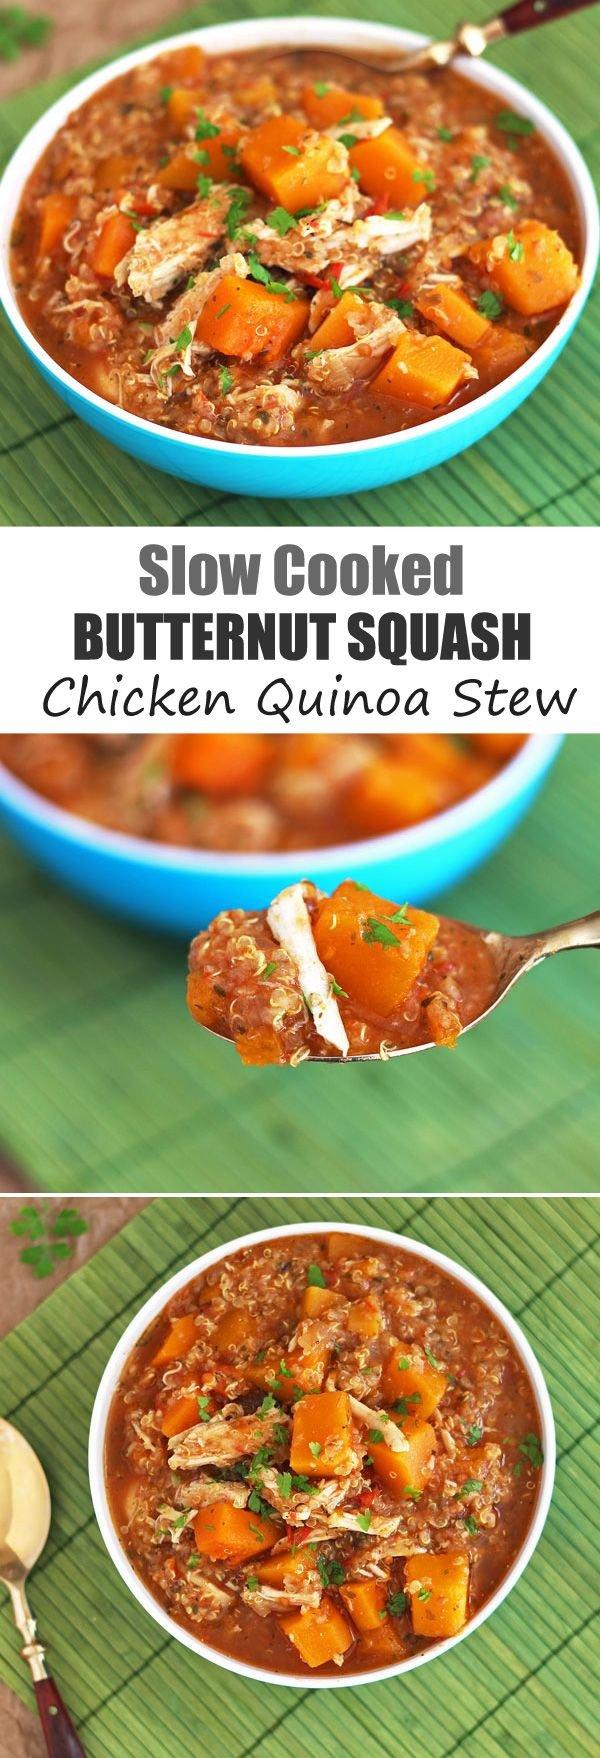 Butternut Squash Chicken Quinoa Stew